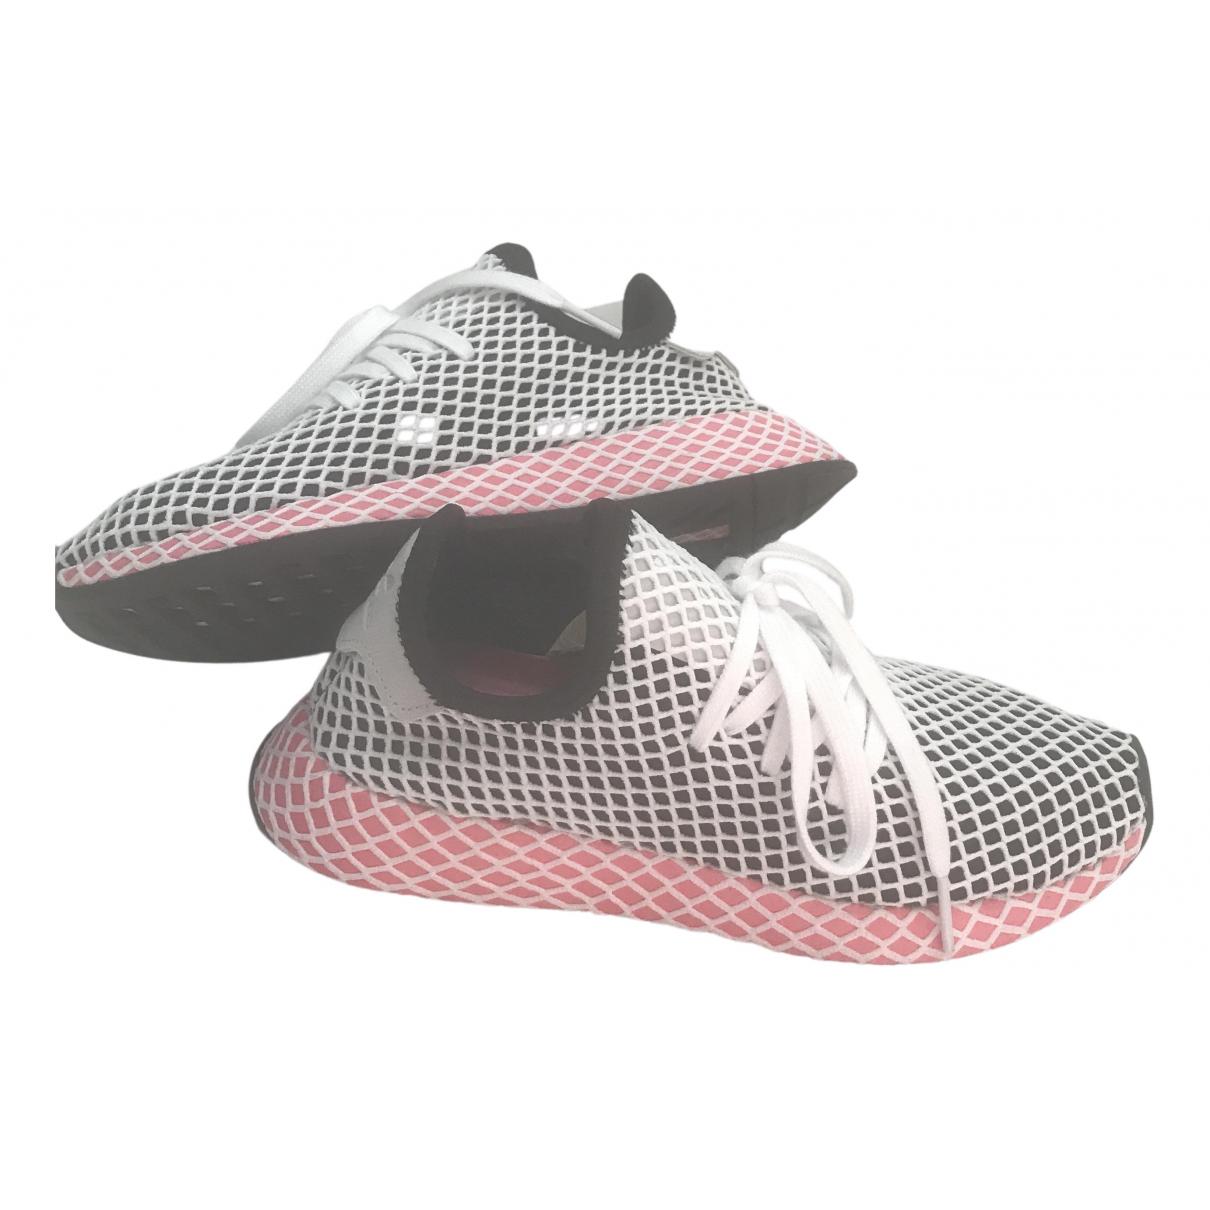 Adidas - Baskets Deerupt Runner pour femme en toile